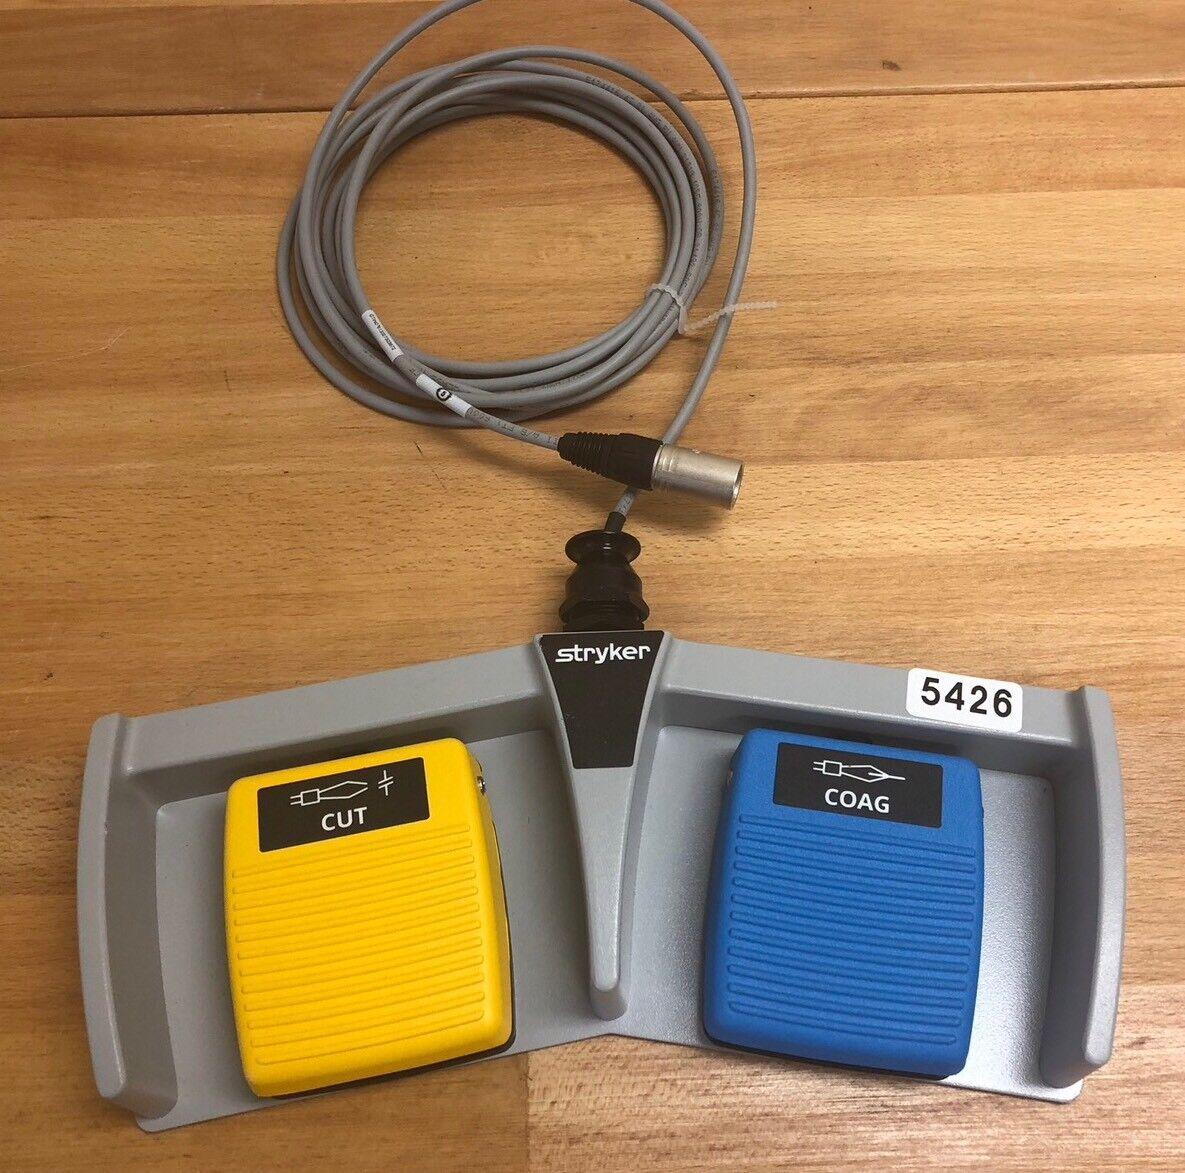 Nuevo generador de doble bipolar Stryker 6700-313-002 Corte/COAG doble de pedal de pie 5426 bd7996